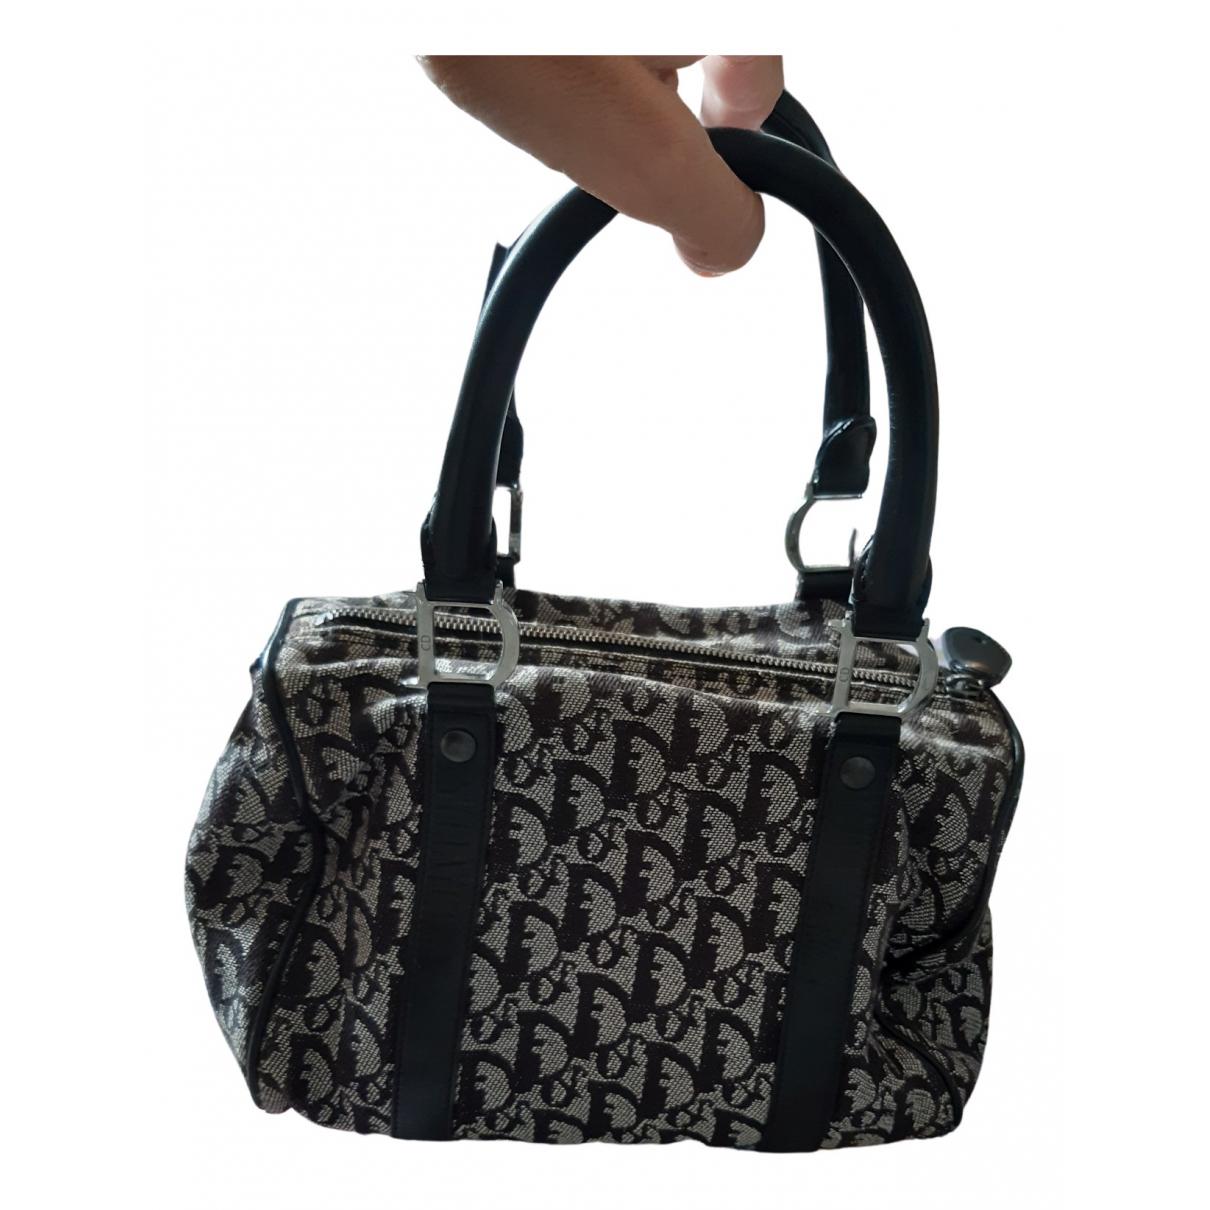 Dior - Sac a main Bowling pour femme en toile - noir